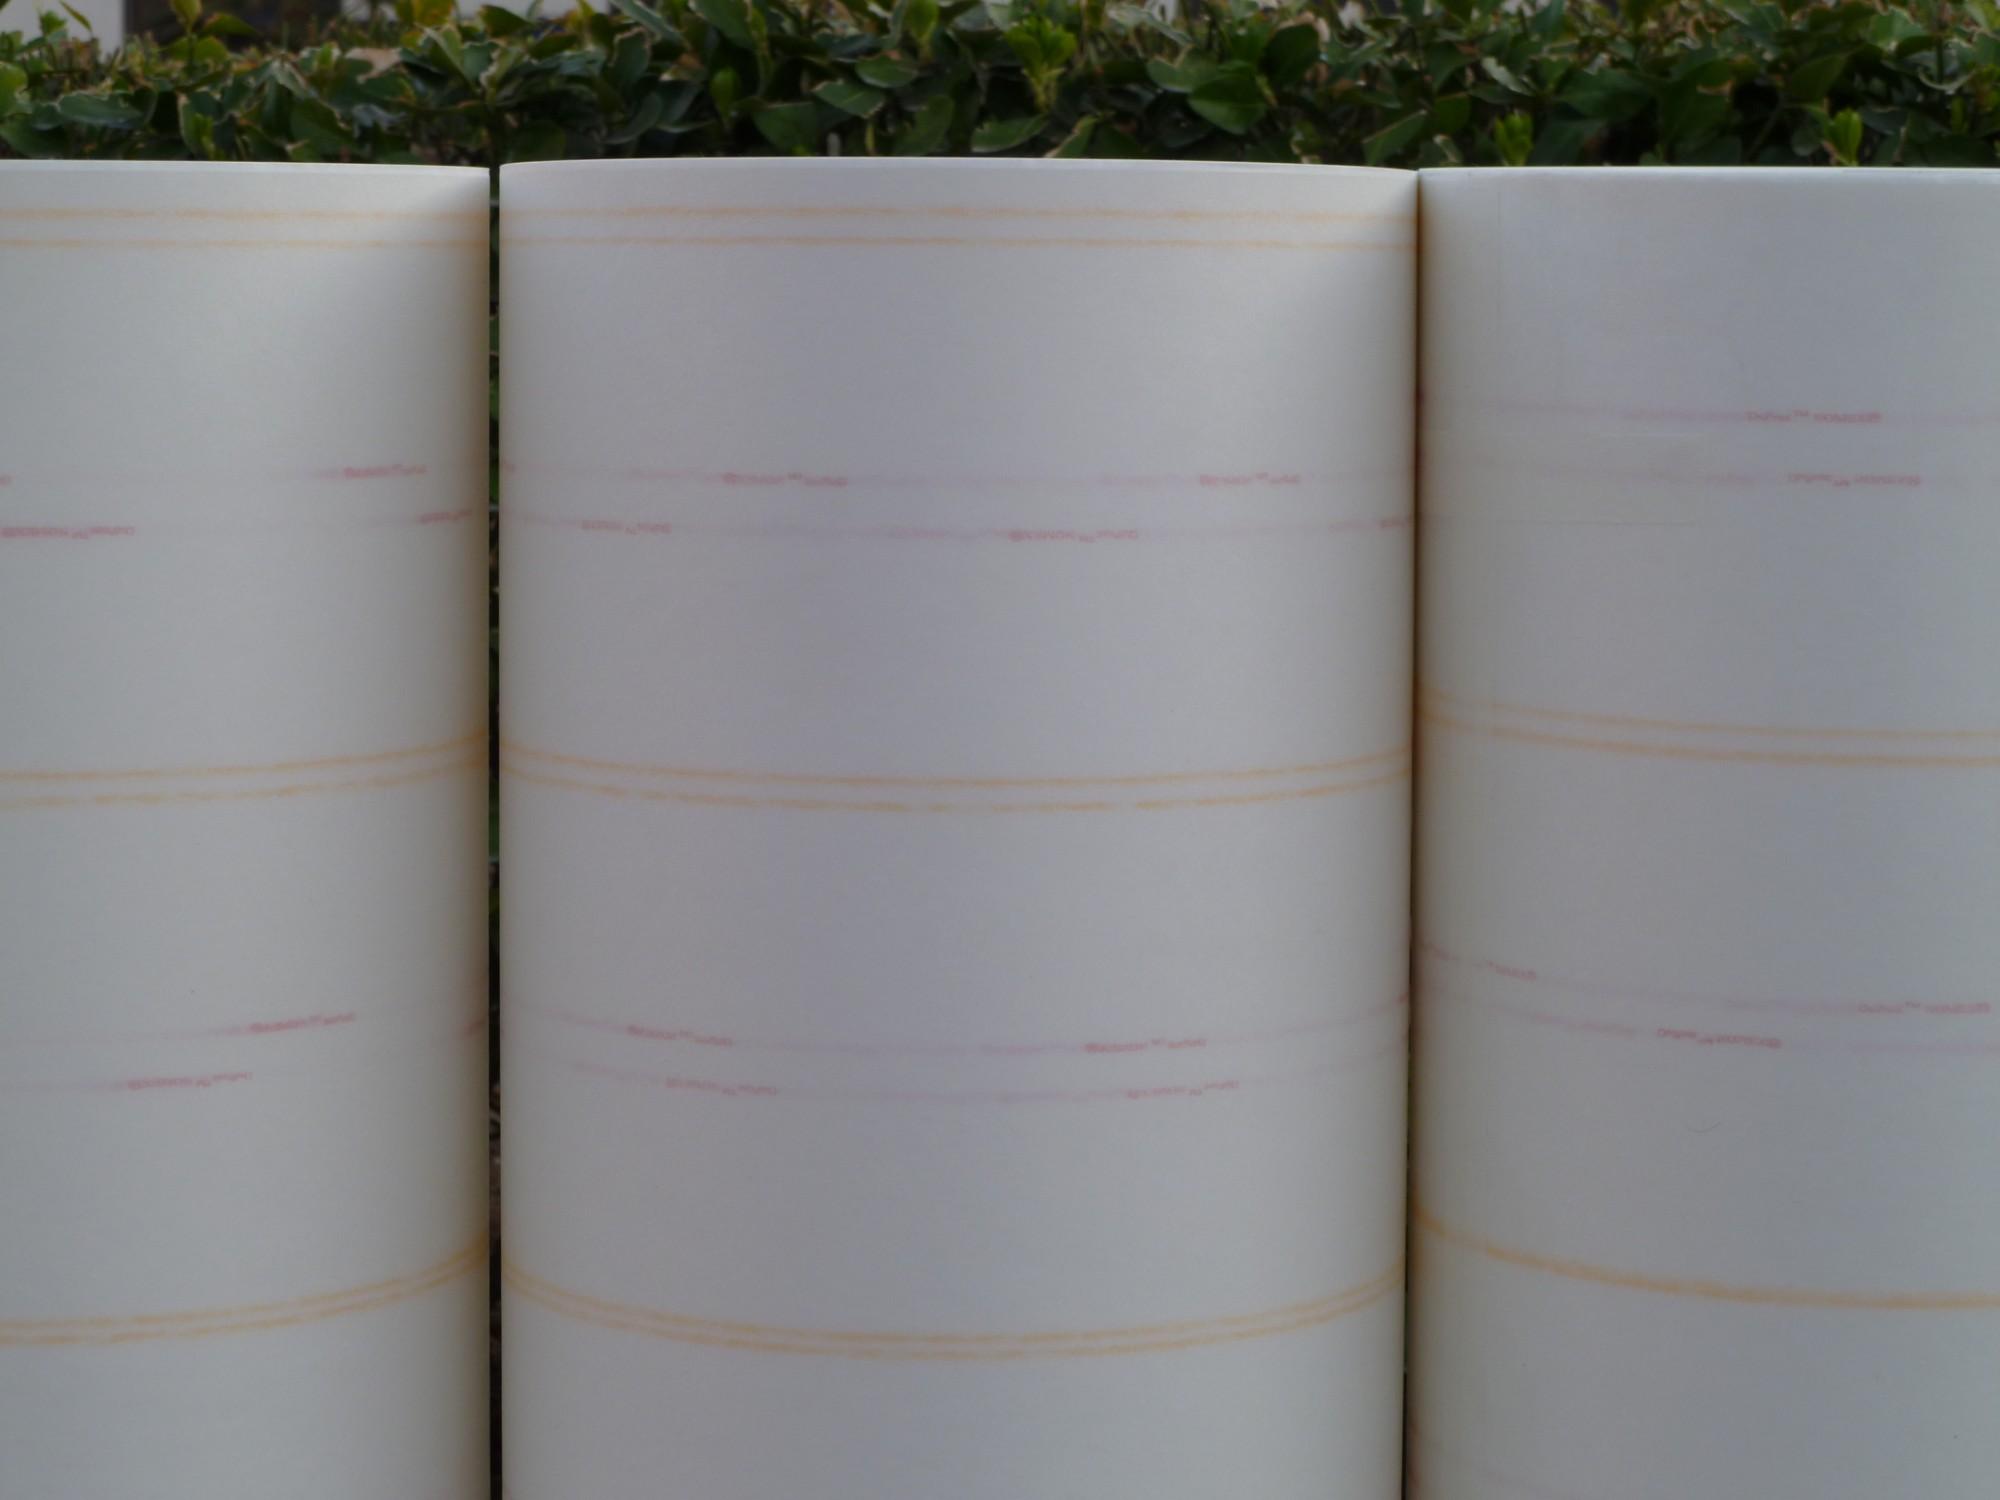 Cumpărați Compus din fibră de hârtie cu filmul de poliester NMN,Compus din fibră de hârtie cu filmul de poliester NMN Preț,Compus din fibră de hârtie cu filmul de poliester NMN Marci,Compus din fibră de hârtie cu filmul de poliester NMN Producător,Compus din fibră de hârtie cu filmul de poliester NMN Citate,Compus din fibră de hârtie cu filmul de poliester NMN Companie